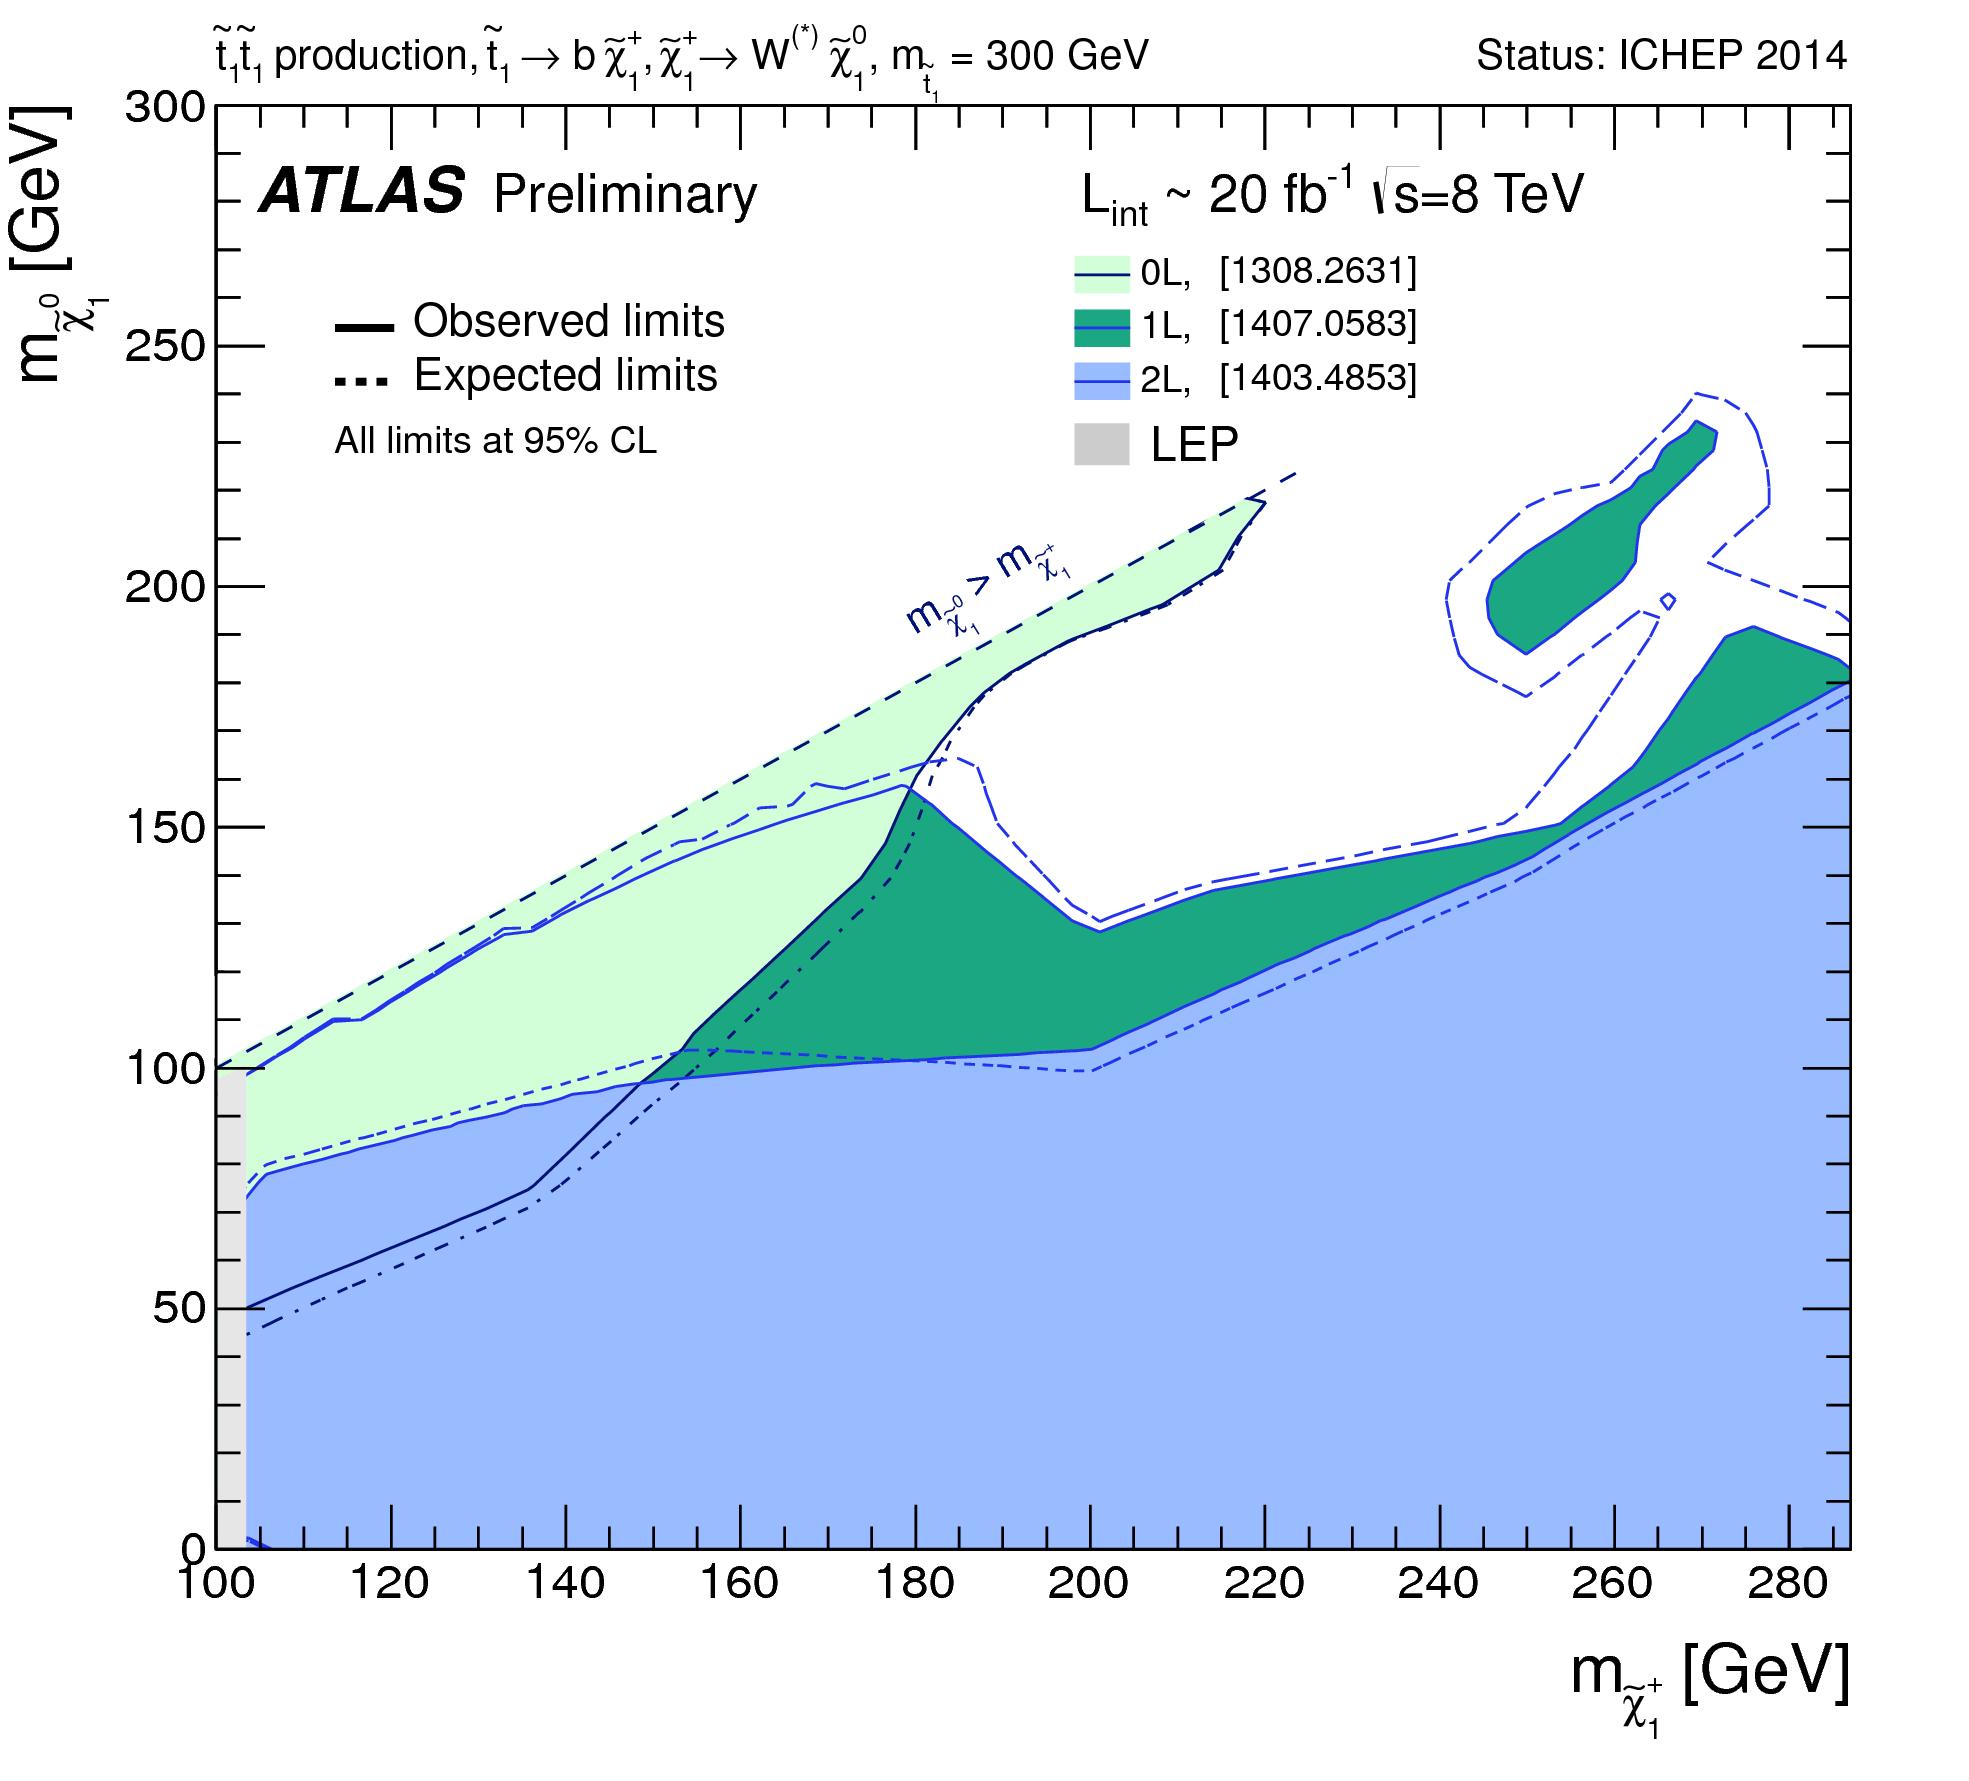 https://atlas.web.cern.ch/Atlas/GROUPS/PHYSICS/CombinedSummaryPlots/SUSY/ATLAS_SUSY_StopCNstop300/ATLAS_SUSY_StopCNstop300.png